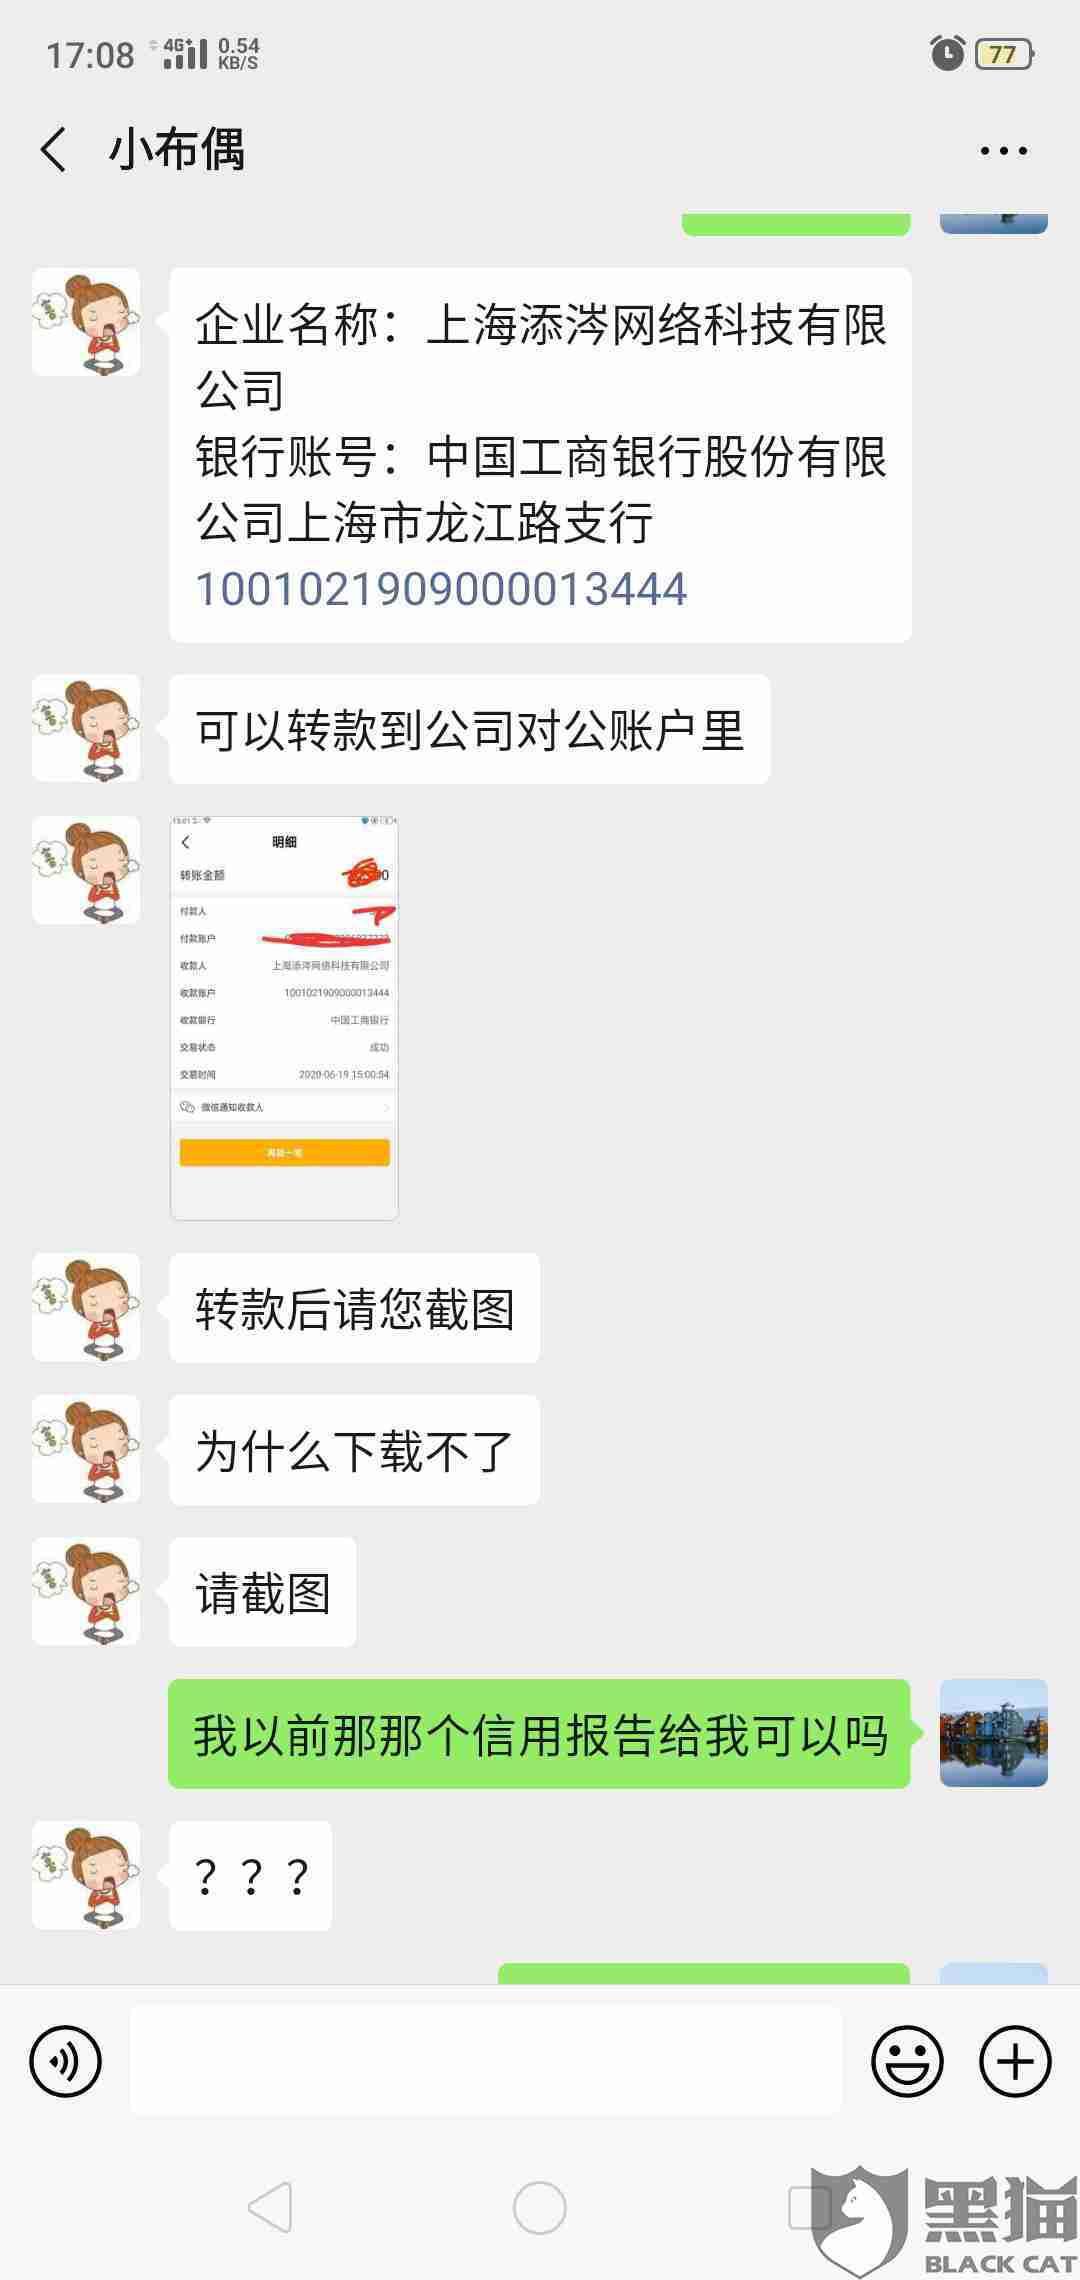 黑猫投诉:举报上海添涔网络科技有限公司